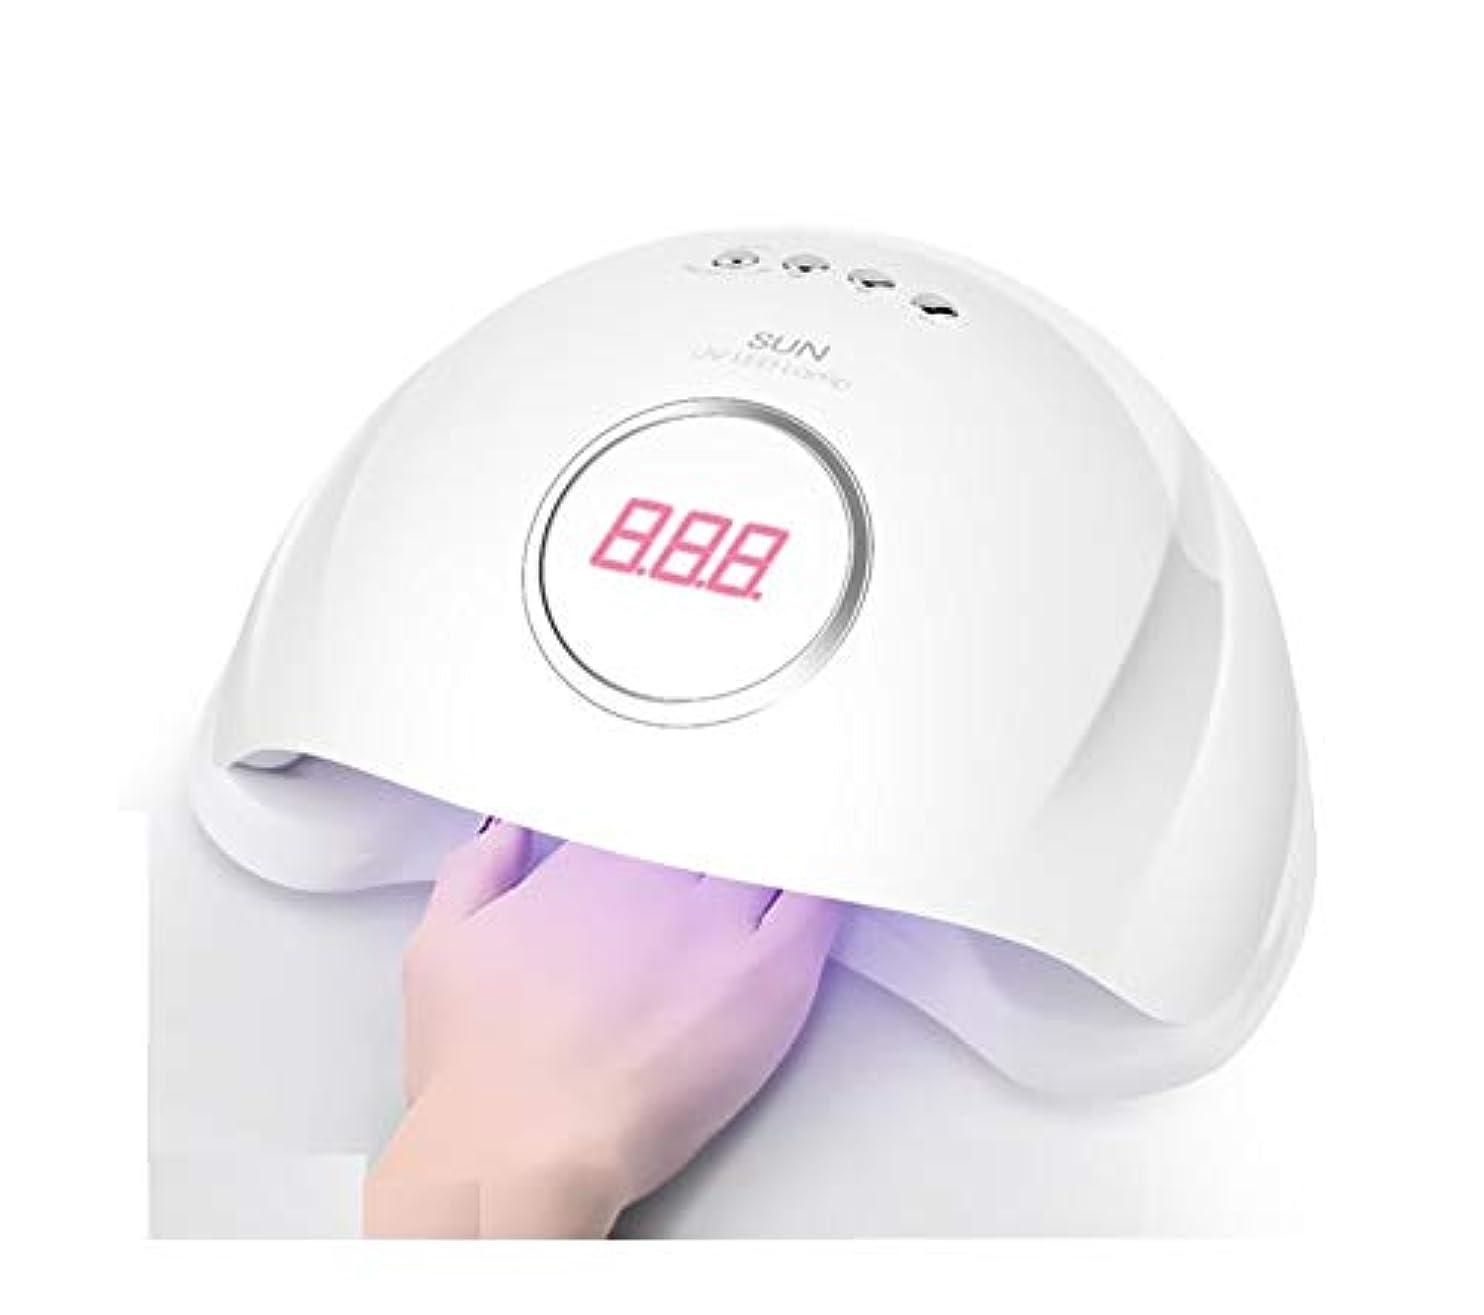 統治可能はず実際のLittleCat 108WネイルUVランプ無痛LEDライトセラピーのマシンすべてプラスチックを乾燥させるために10秒 (色 : 72 watt round insert)